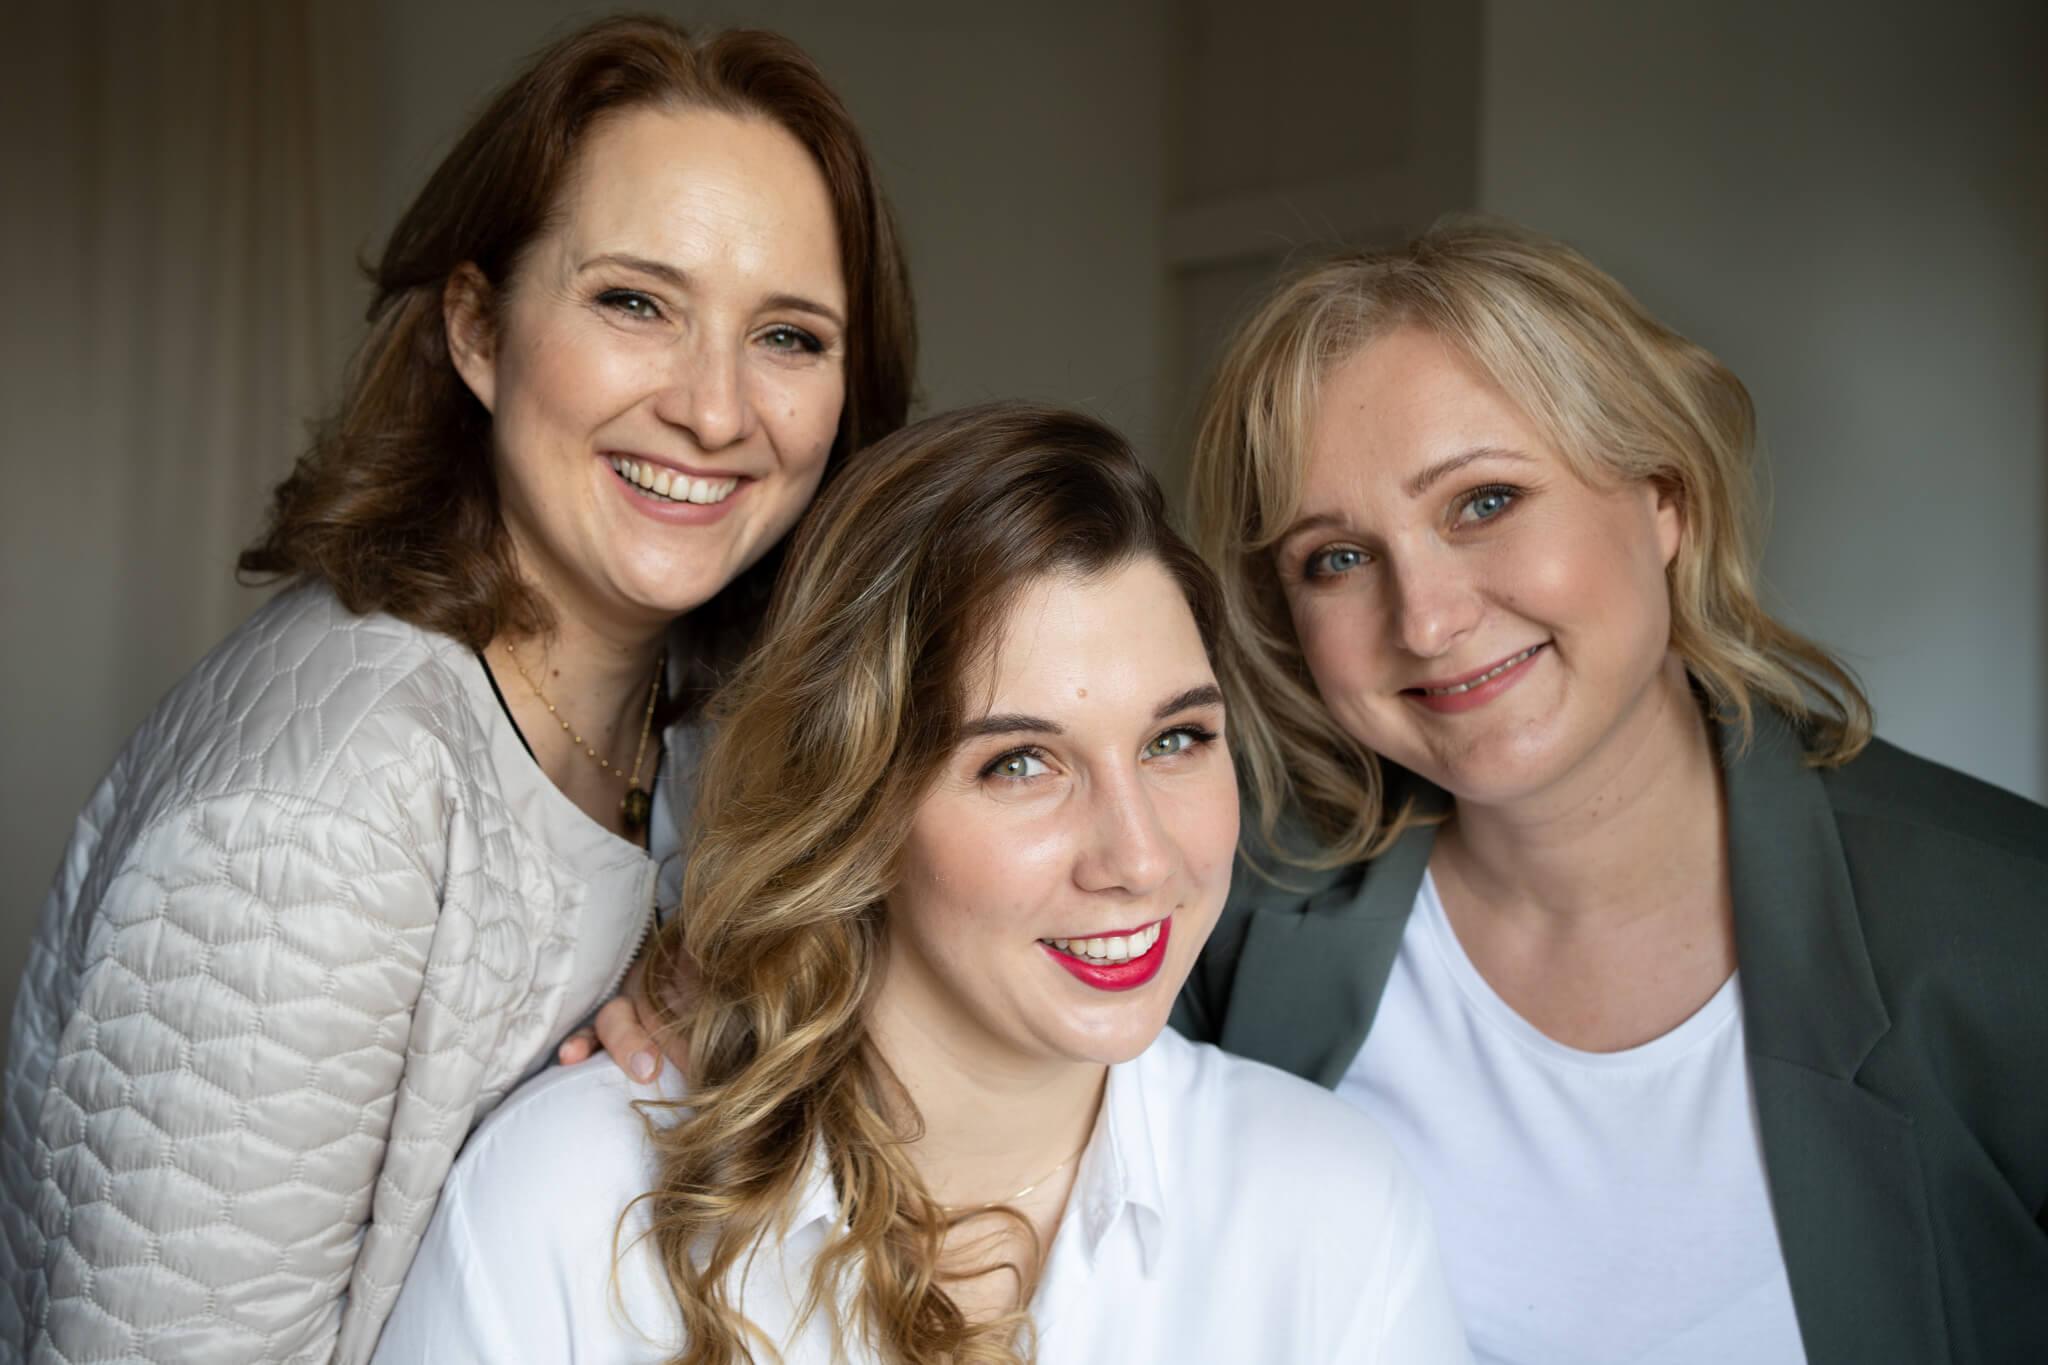 trzy kobiety uśmiechają się w stronę obiektywu